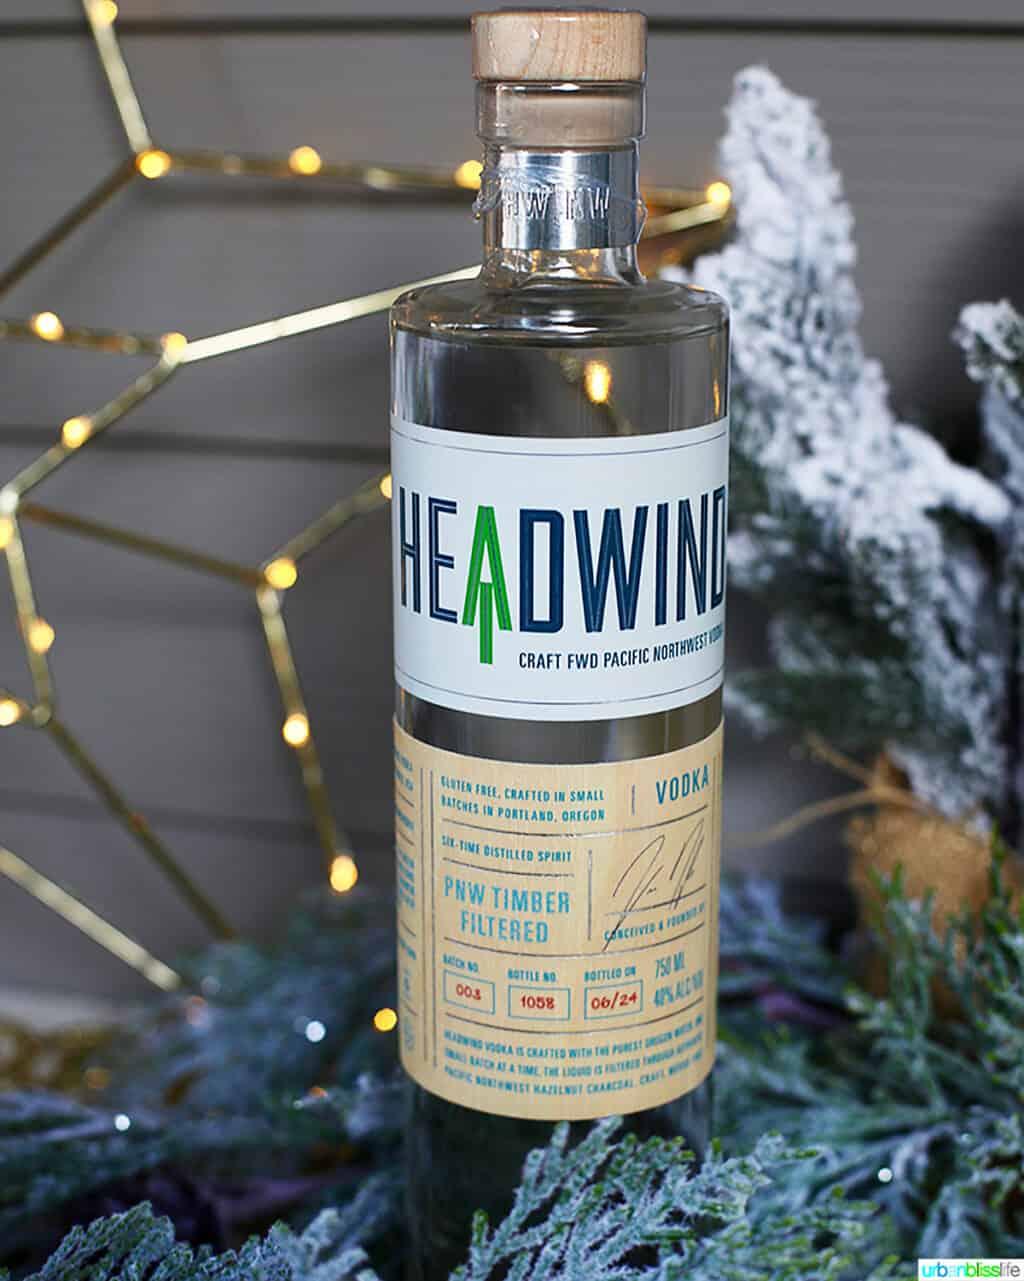 bottle of Headwind Vodka in holiday setting